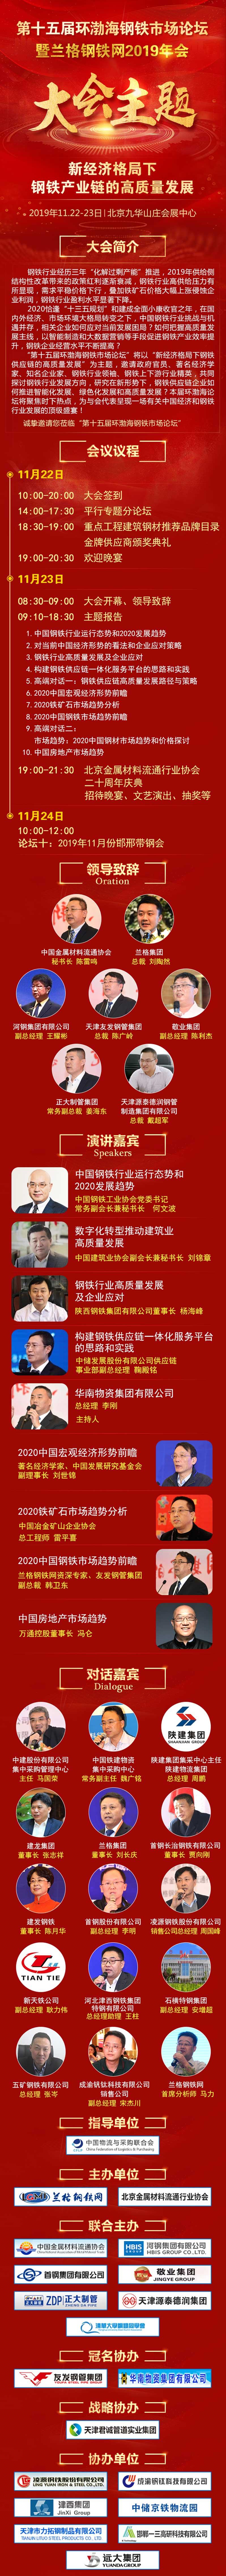 第十五届环渤海钢铁市场论坛暨兰格钢铁网2019年会11月23日举行